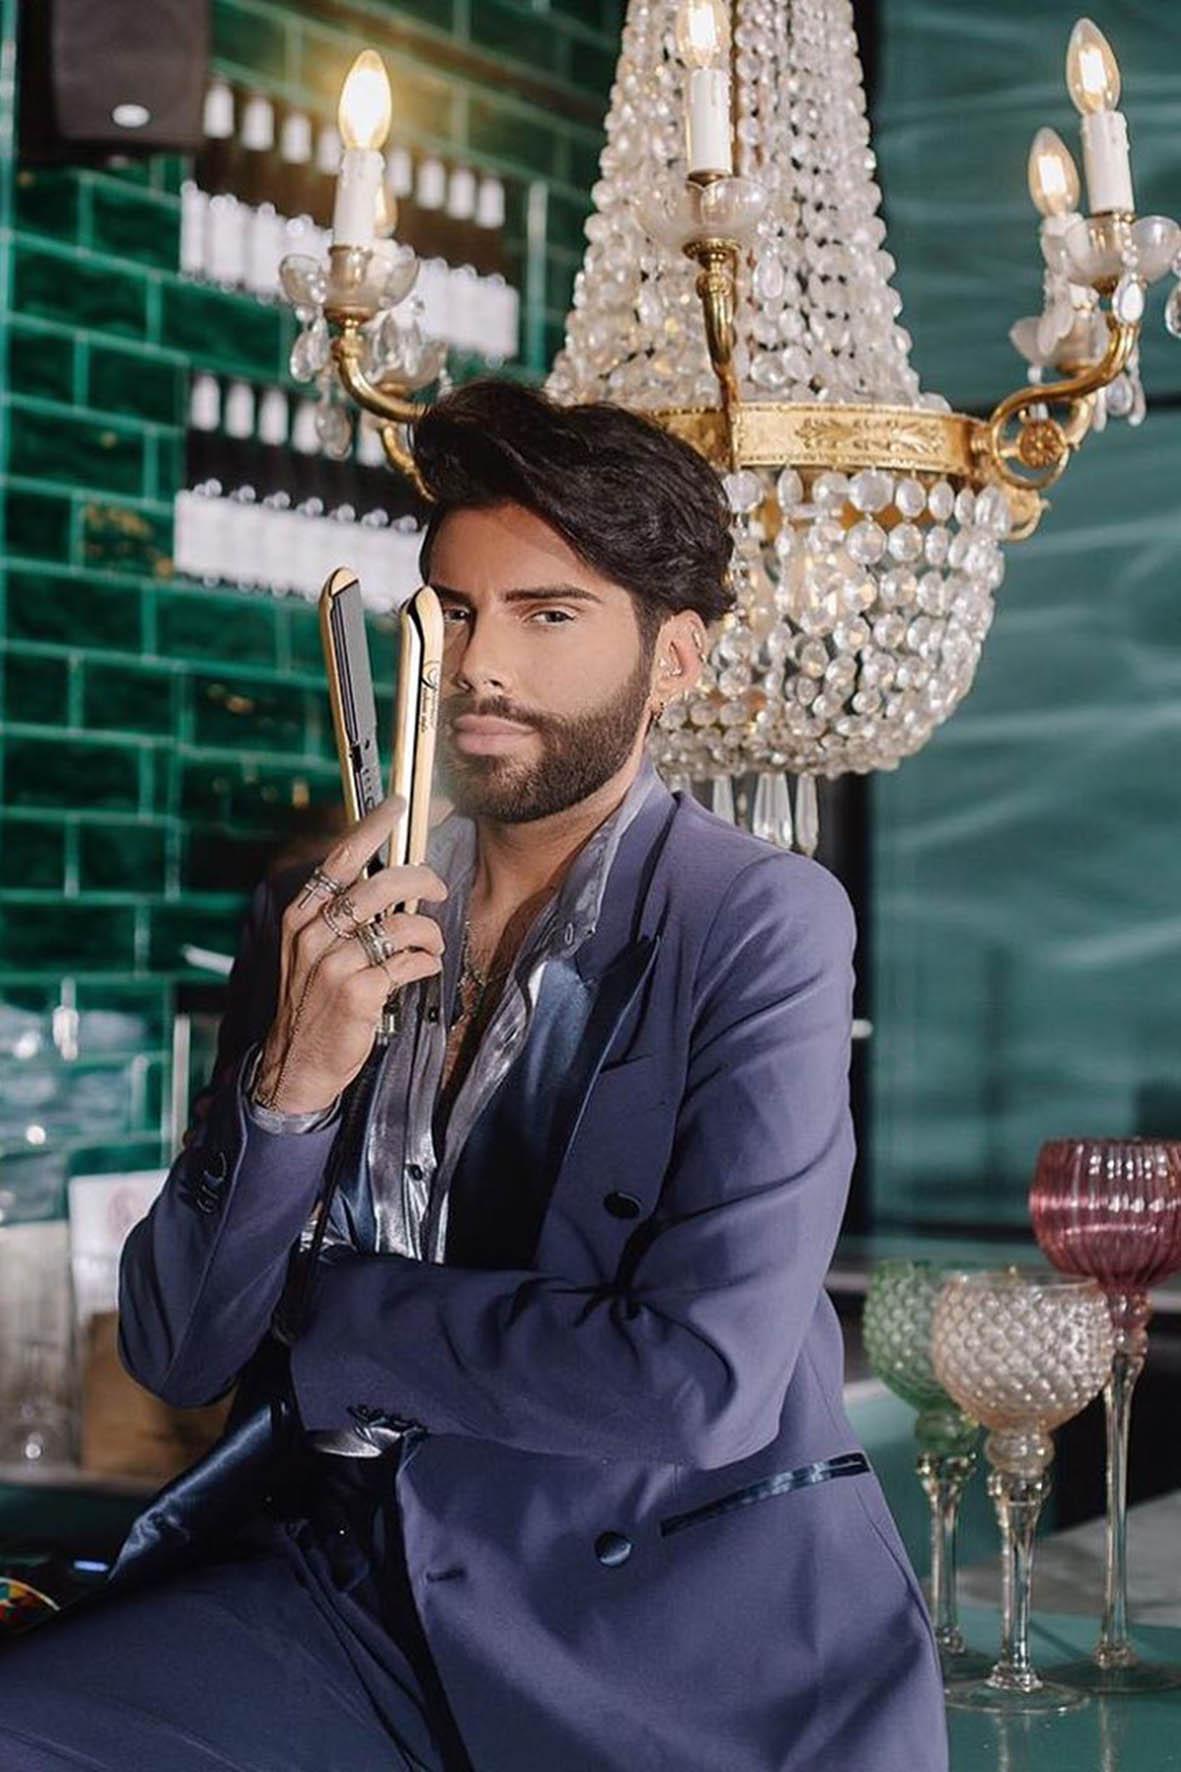 Federico Fashion Style scontrino